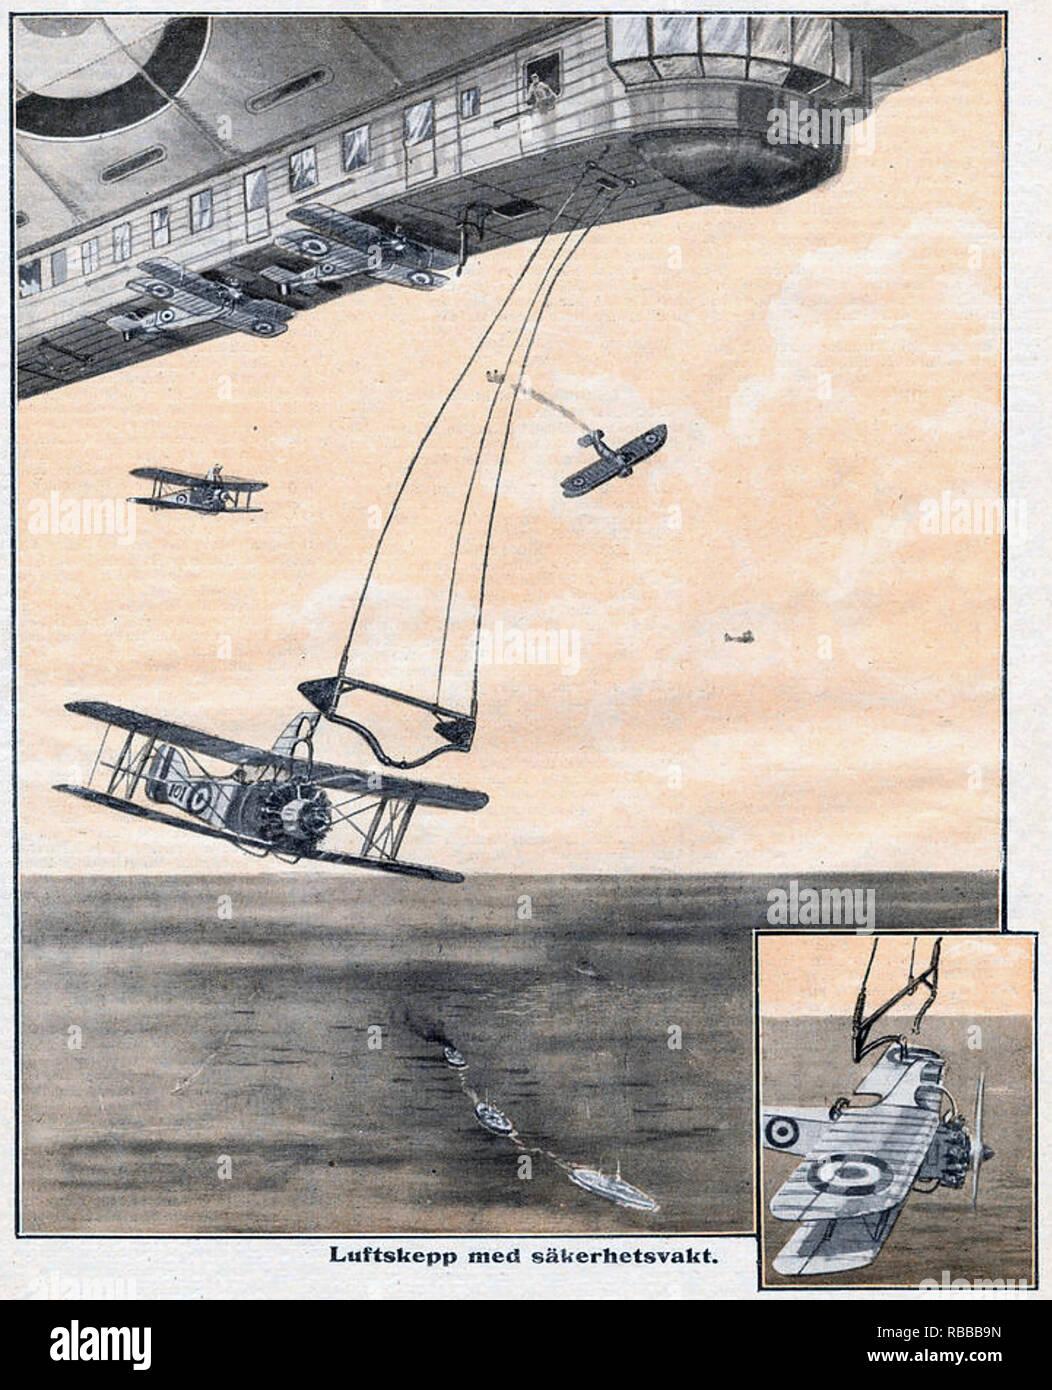 Luftschiff startet Flugzeuge ein phantasievolles Konzept in einer schwedischen Magazin von 1925. Beachten Sie den Kompaktlader Fahrwerke auf dem Doppeldecker. Stockbild